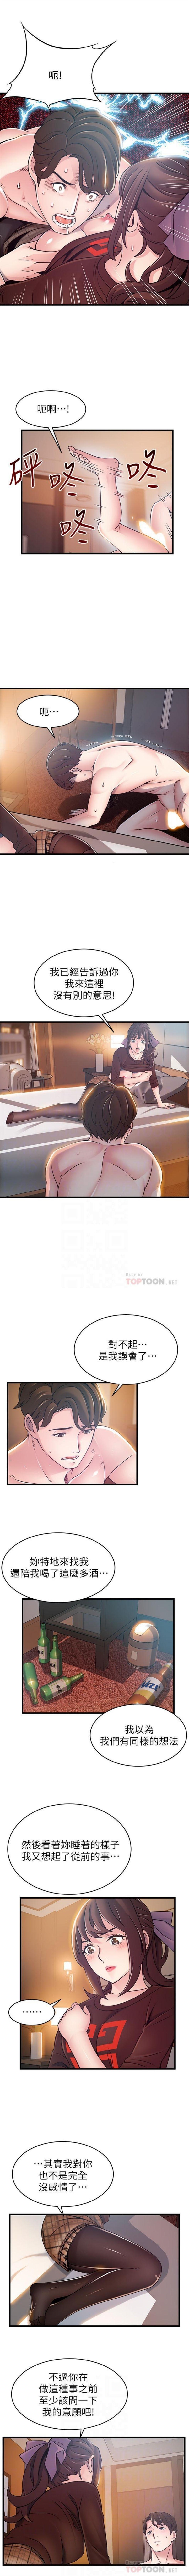 弱點 1-101 官方中文(連載中) 434